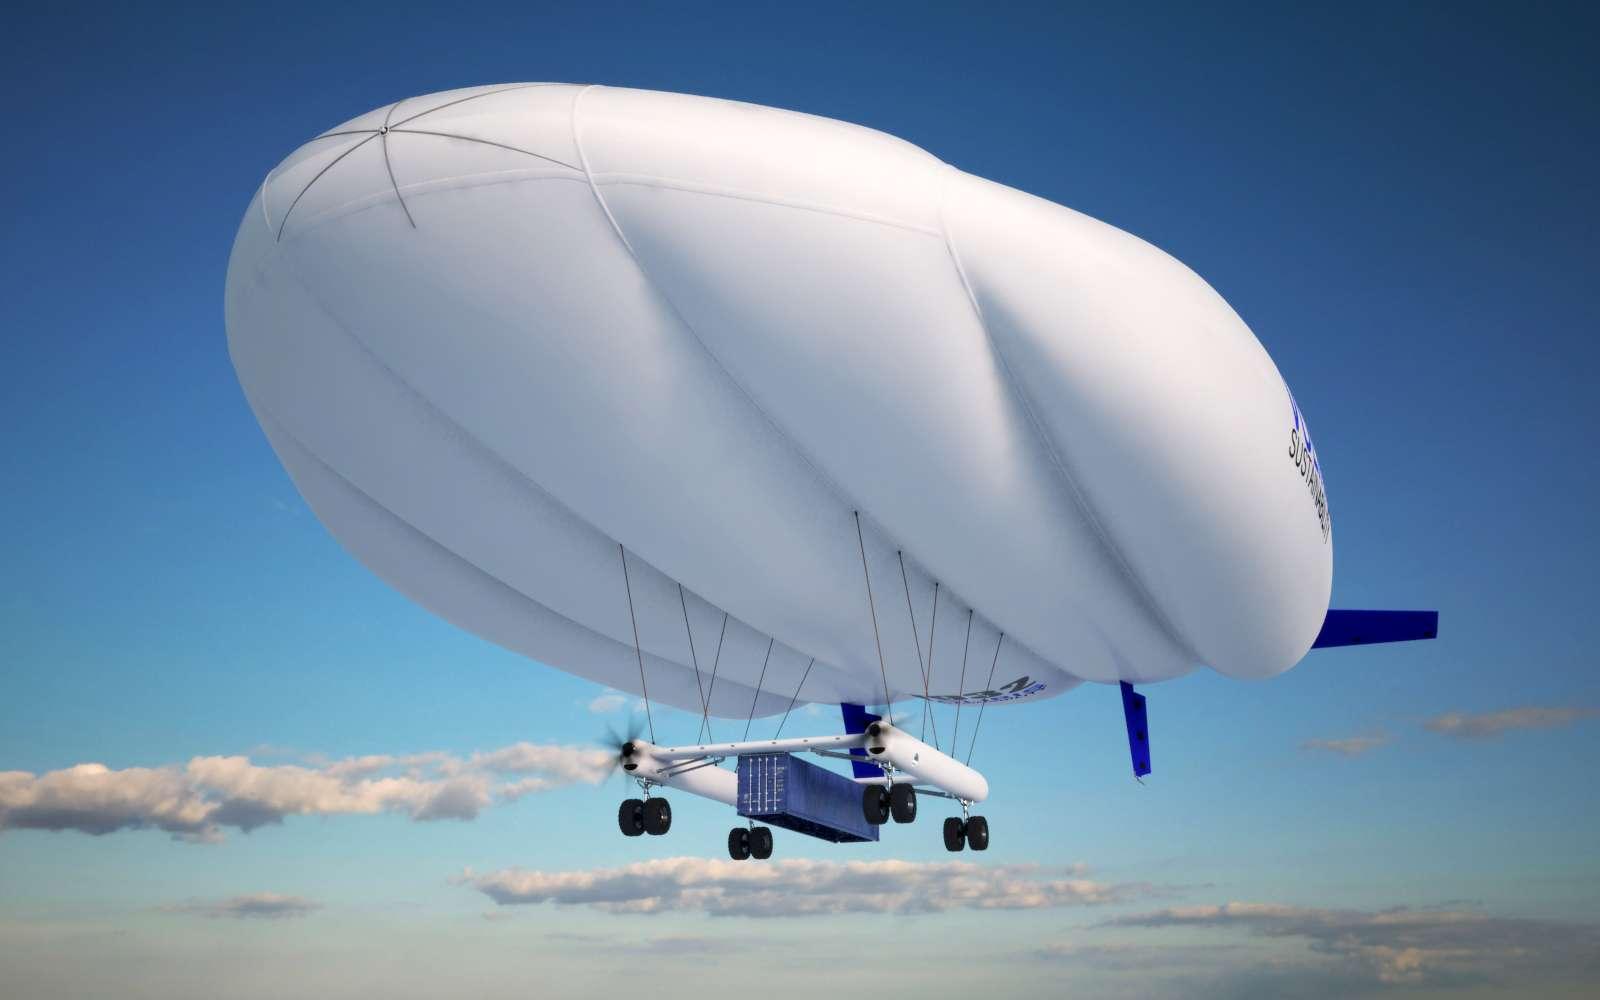 La Natac (Navette aérienne de transport automatique de conteneurs) est un hybride dirigeable-avion qui pourrait transporter de lourdes charges sur 500 km pour un coût faible. © Voliris